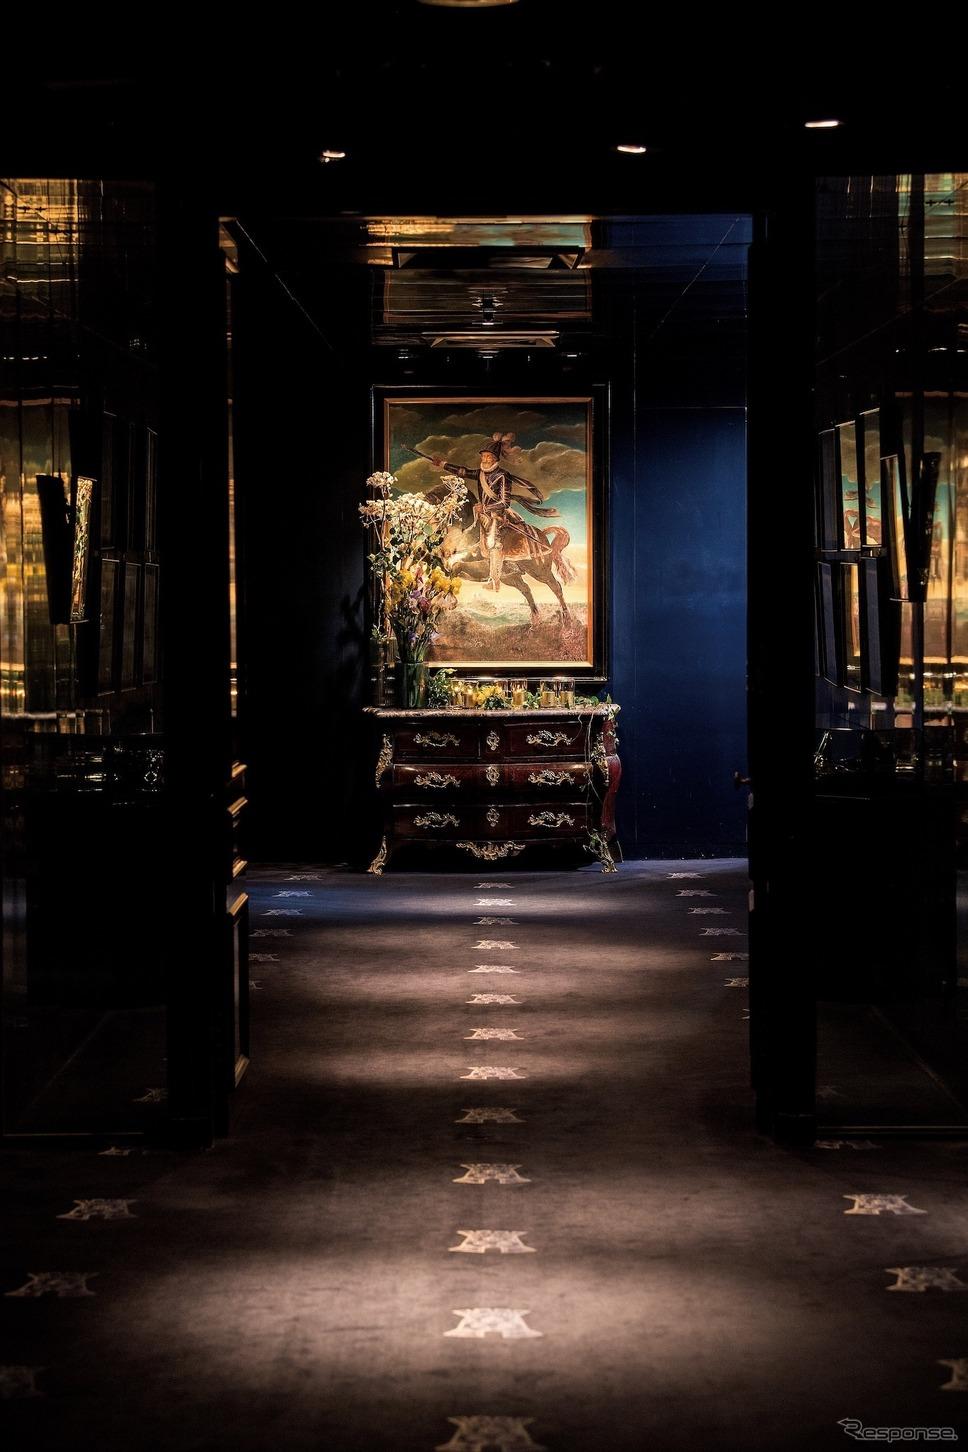 シックな濃紺に彩られた気品溢れるエントランス。壁面には各界の著名人が来店された際に記した記念のサインが飾られている